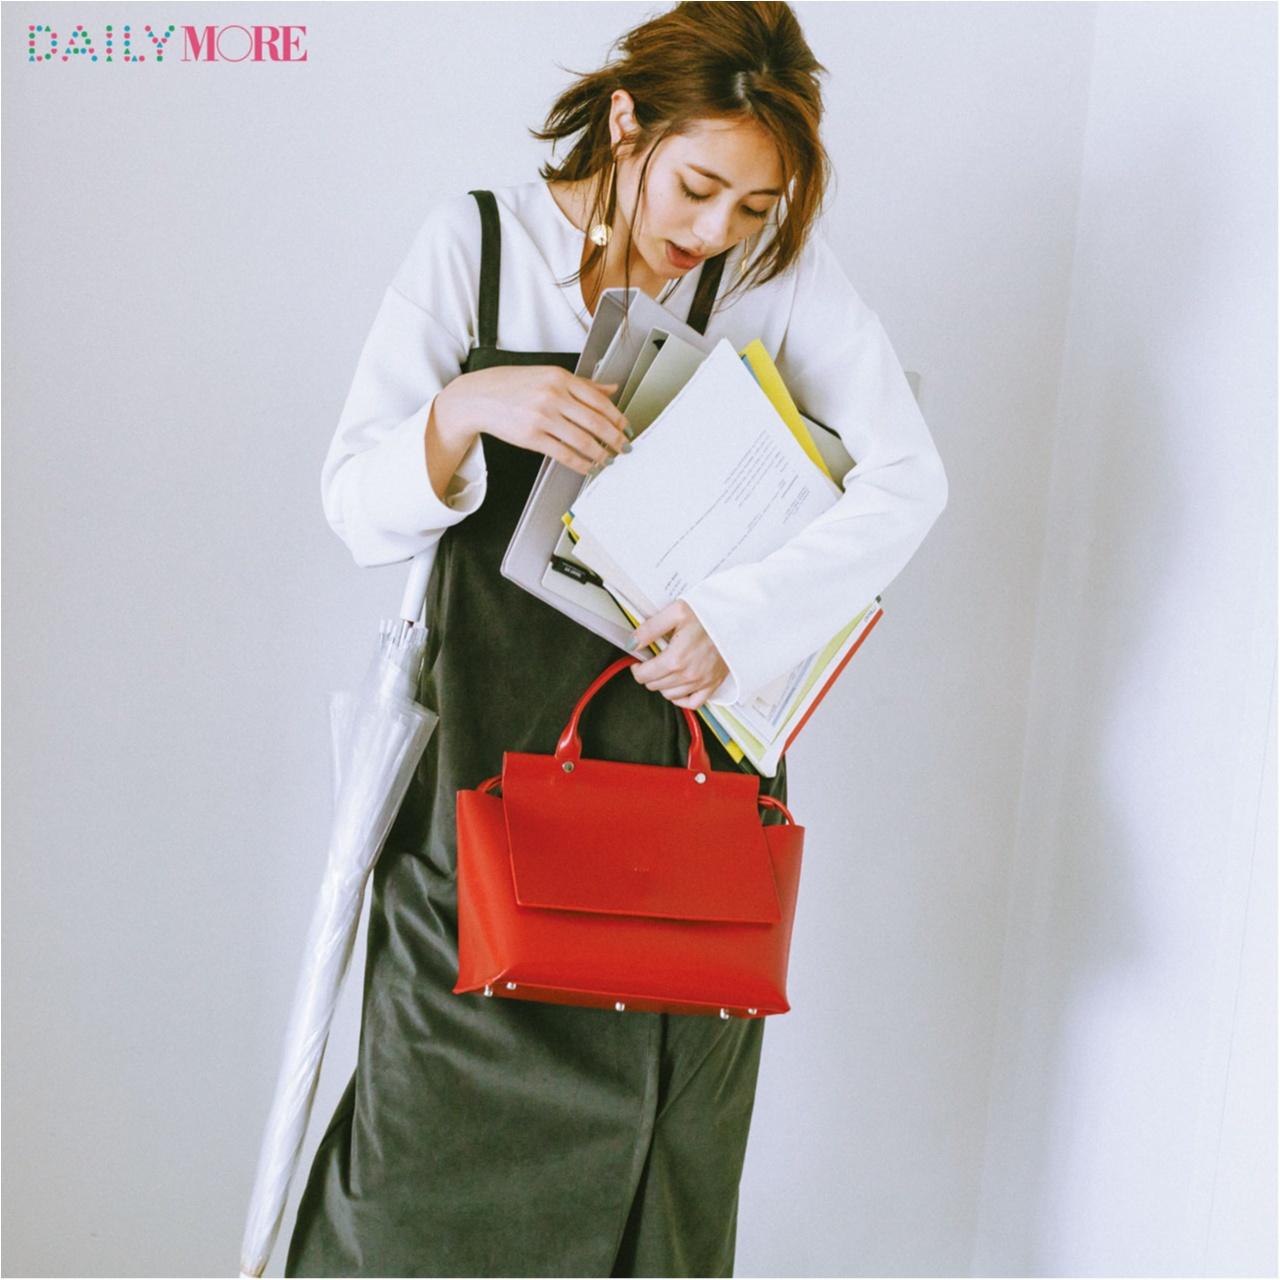 【スタイリスト辻村真理さんが猛烈におススメするバッグとは?】『ヤーキ』のバッグ、まだ持ってないの?_1_3